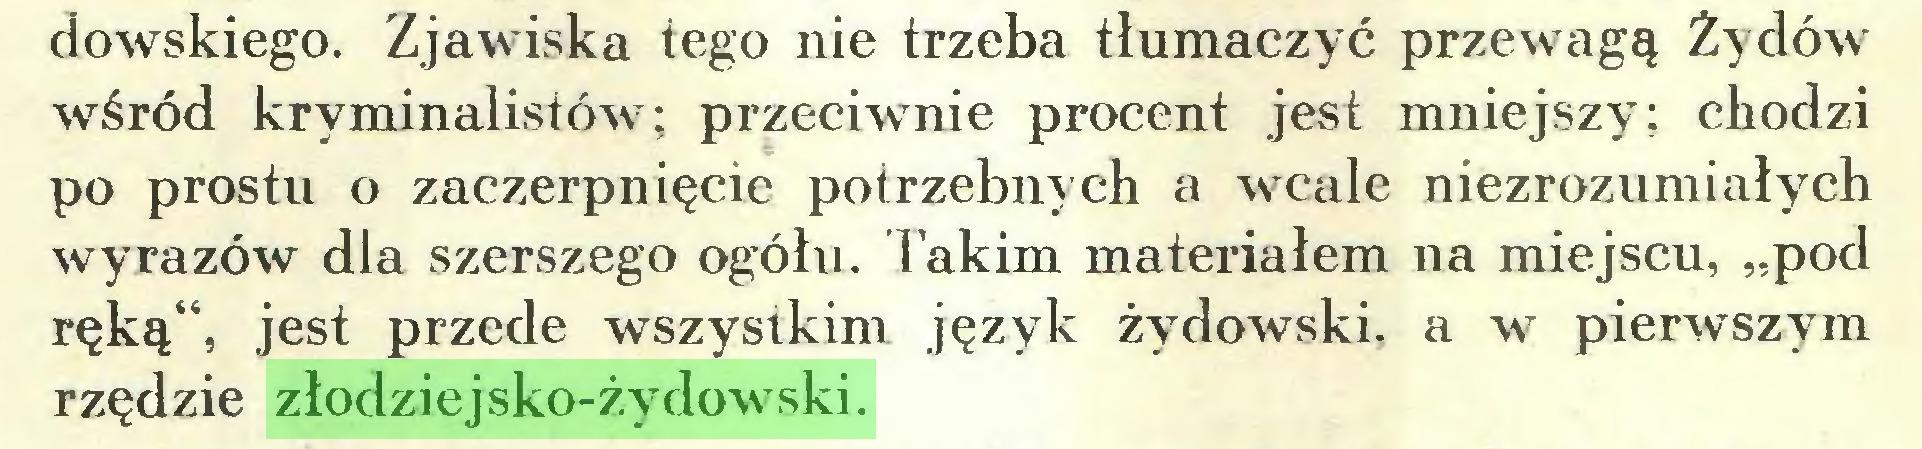 """(...) dowskiego. Zjawiska tego nie trzeba tłumaczyć przewagą Żydów wśród kryminalistów; przeciwnie procent jest mniejszy; chodzi po prostu o zaczerpnięcie potrzebnych a wcale niezrozumiałych wyrazów dla szerszego ogółu. Takim materiałem na miejscu, """"pod ręką'4, jest przede wszystkim język żydowski, a w pierwszym rzędzie złodziejsko-żydowski..."""